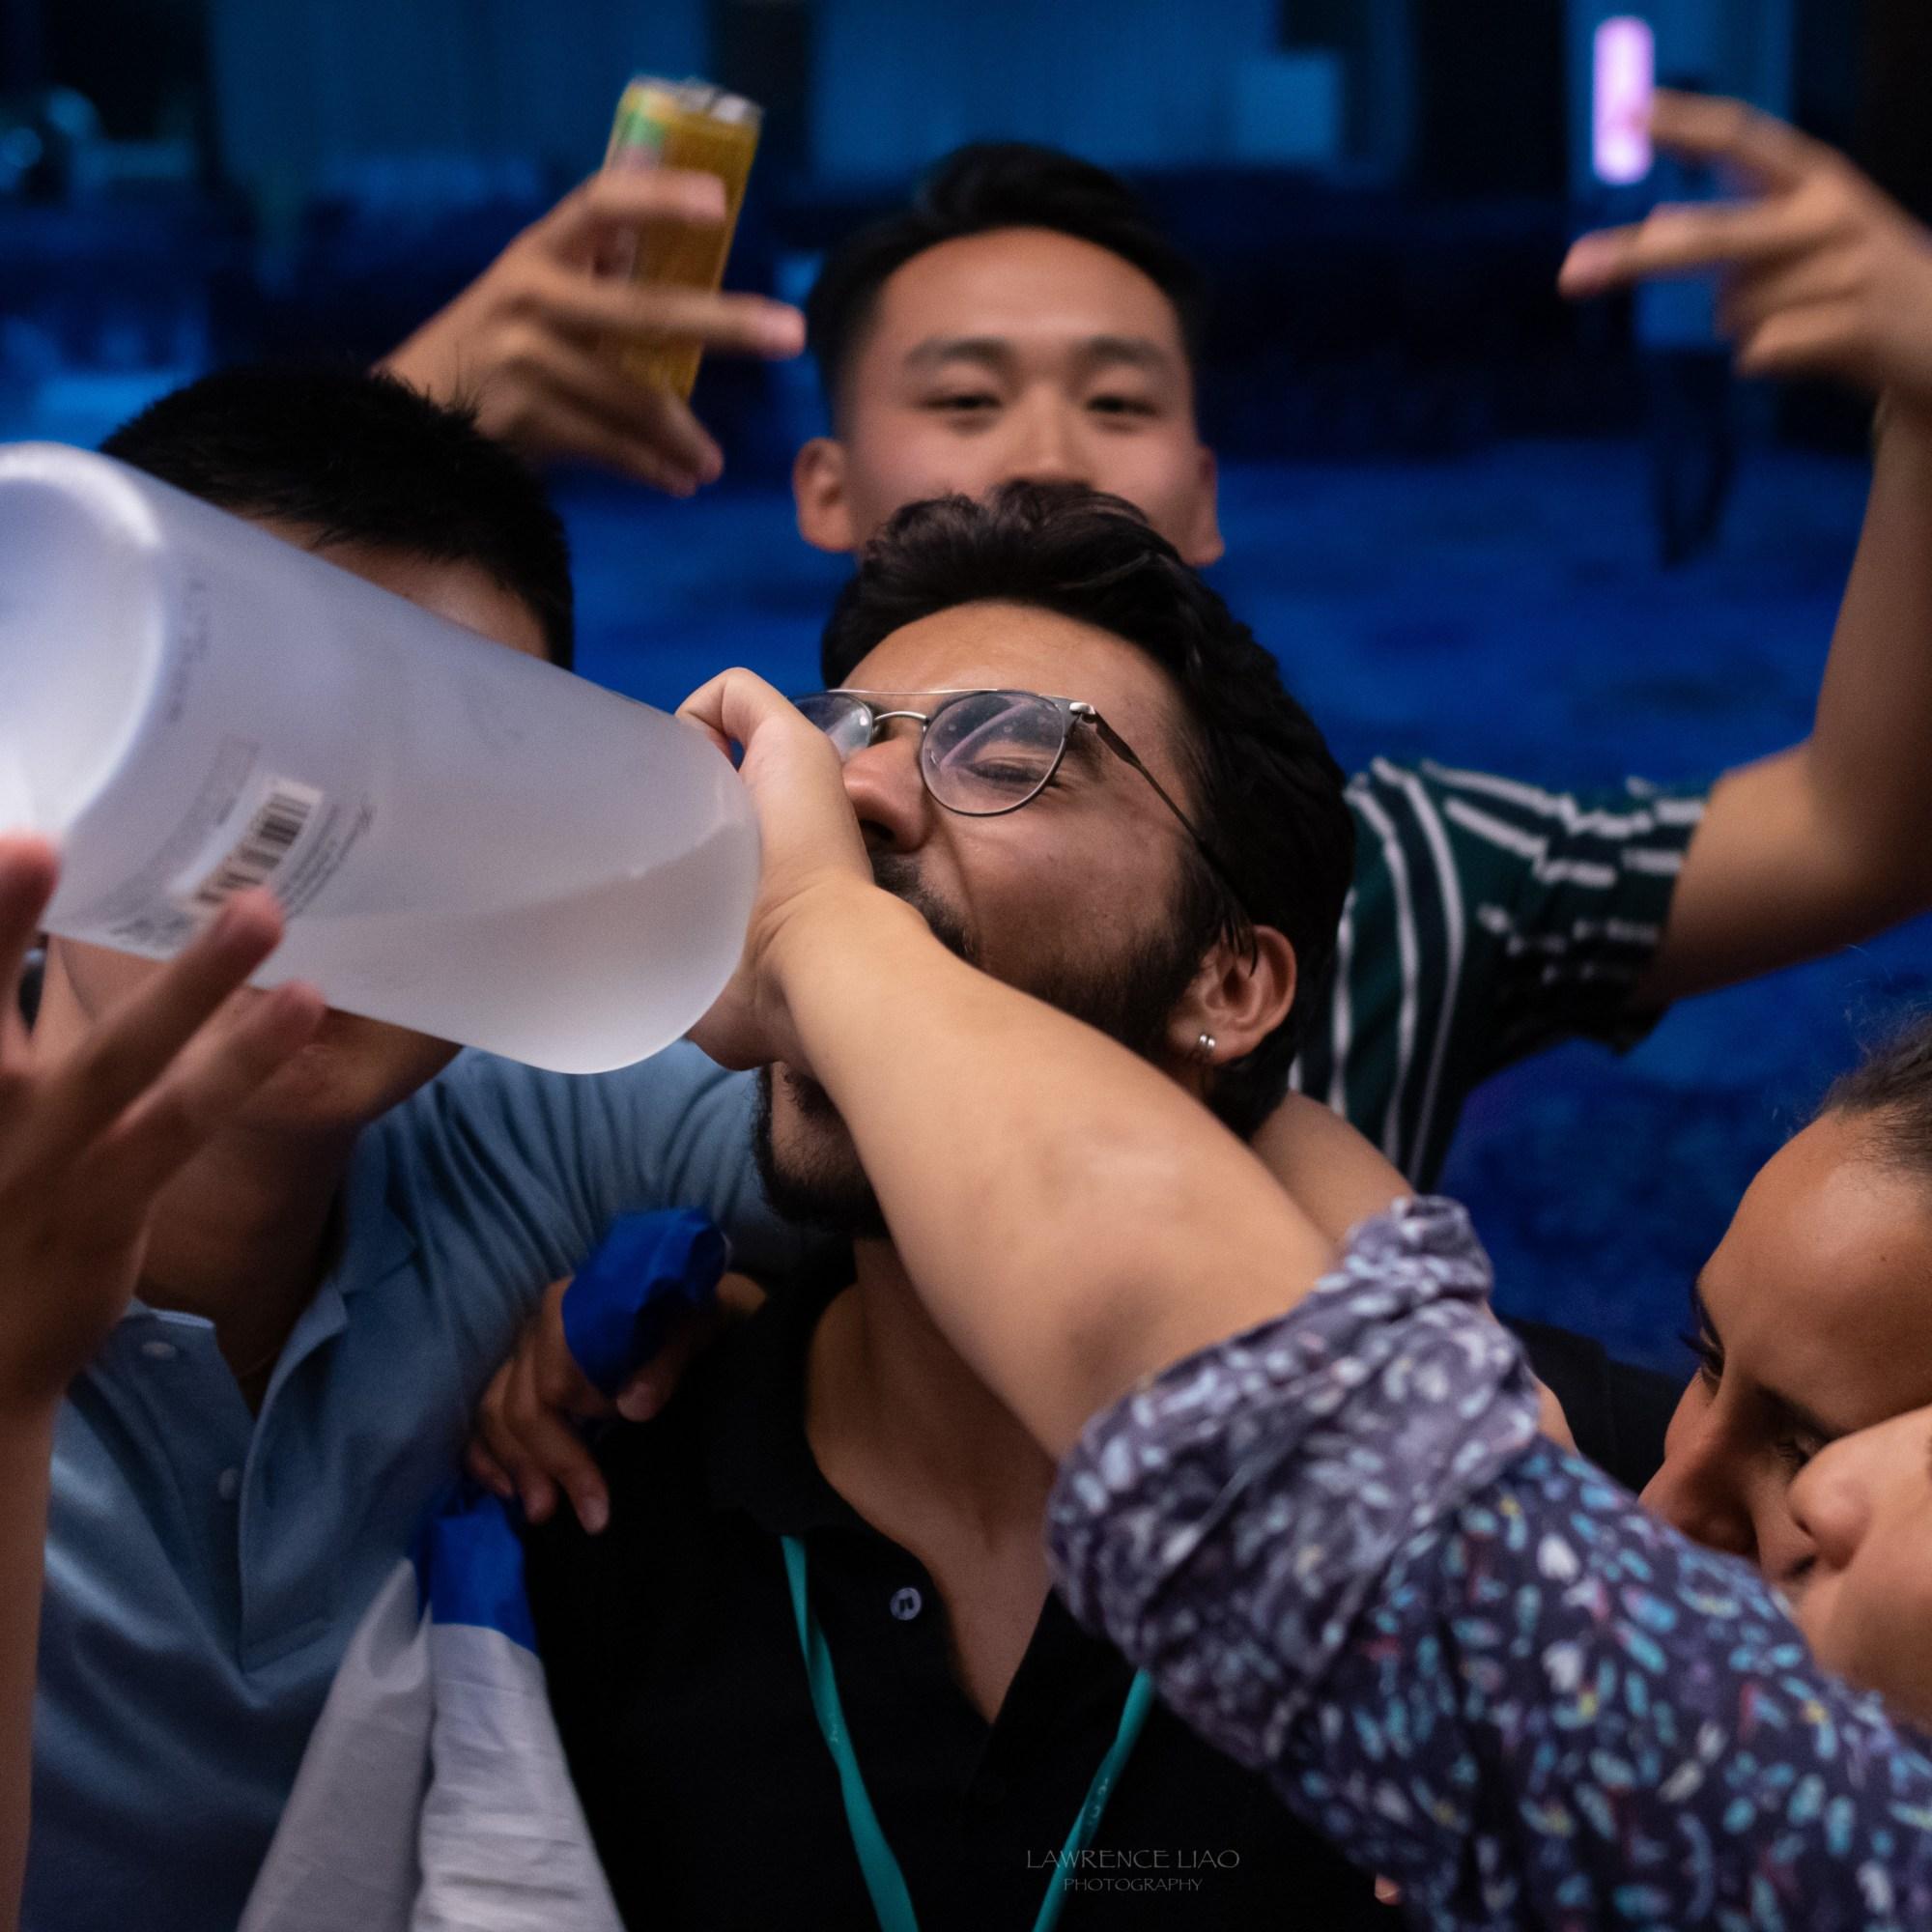 夸克調酒:讓你的派對更精彩